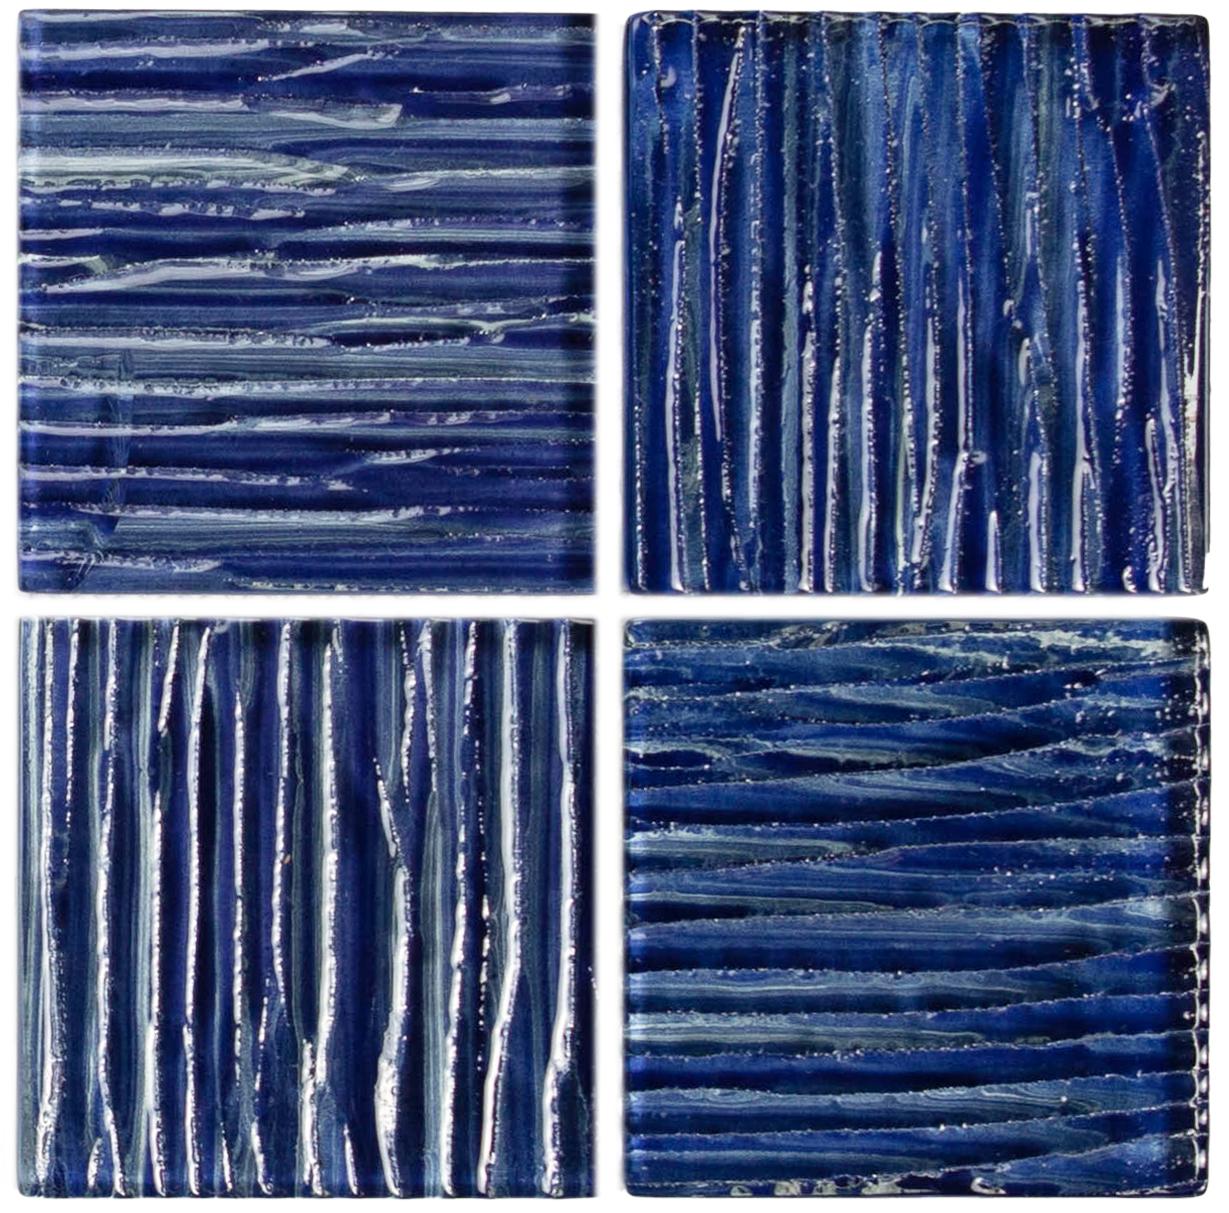 Tsunami Cobalt Blue